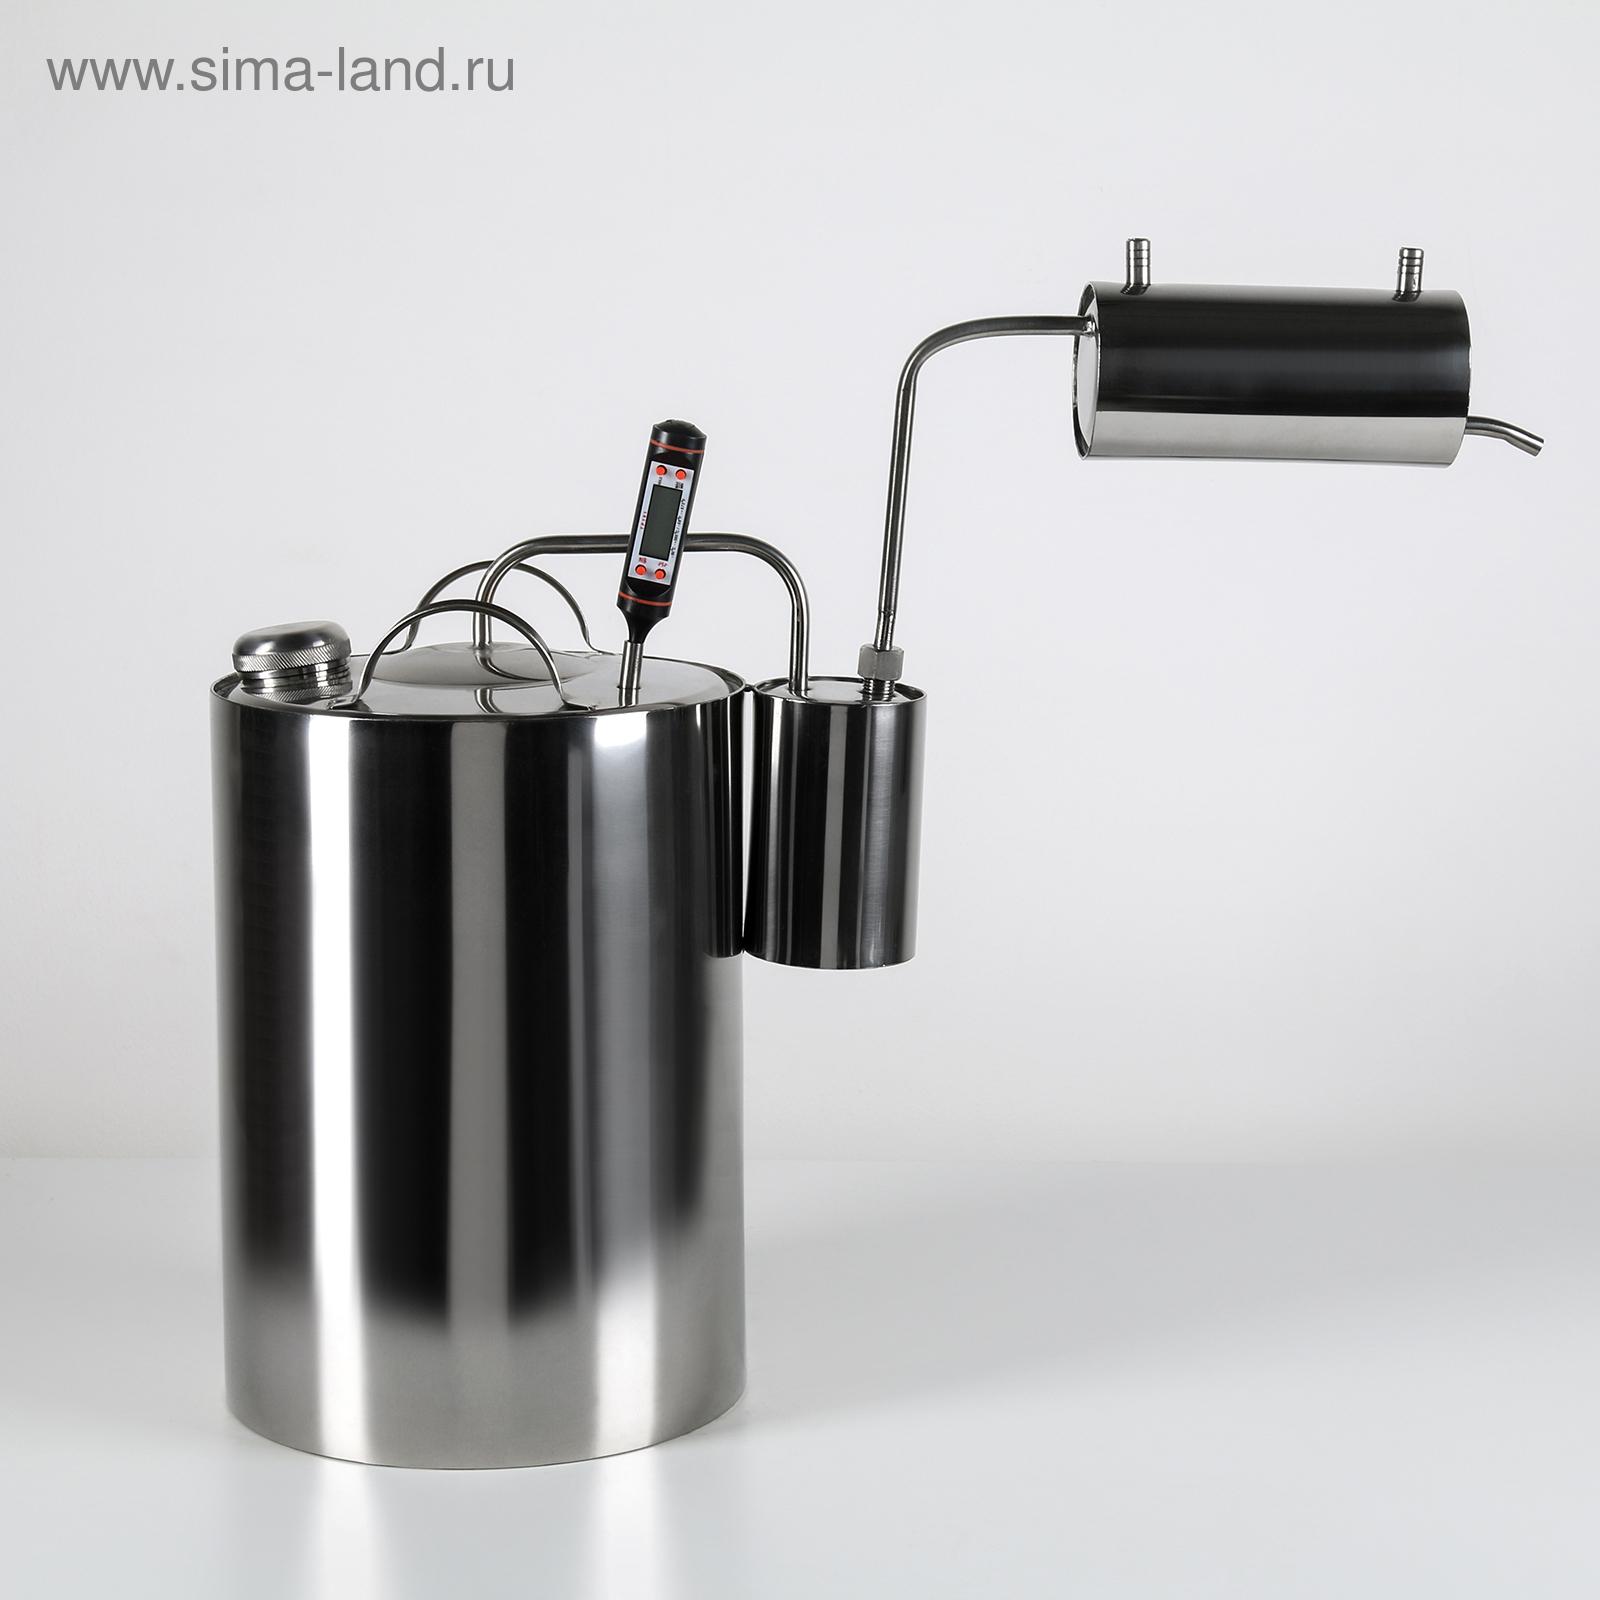 Дх4 самогонный аппарат материал прокладок для самогонного аппарата